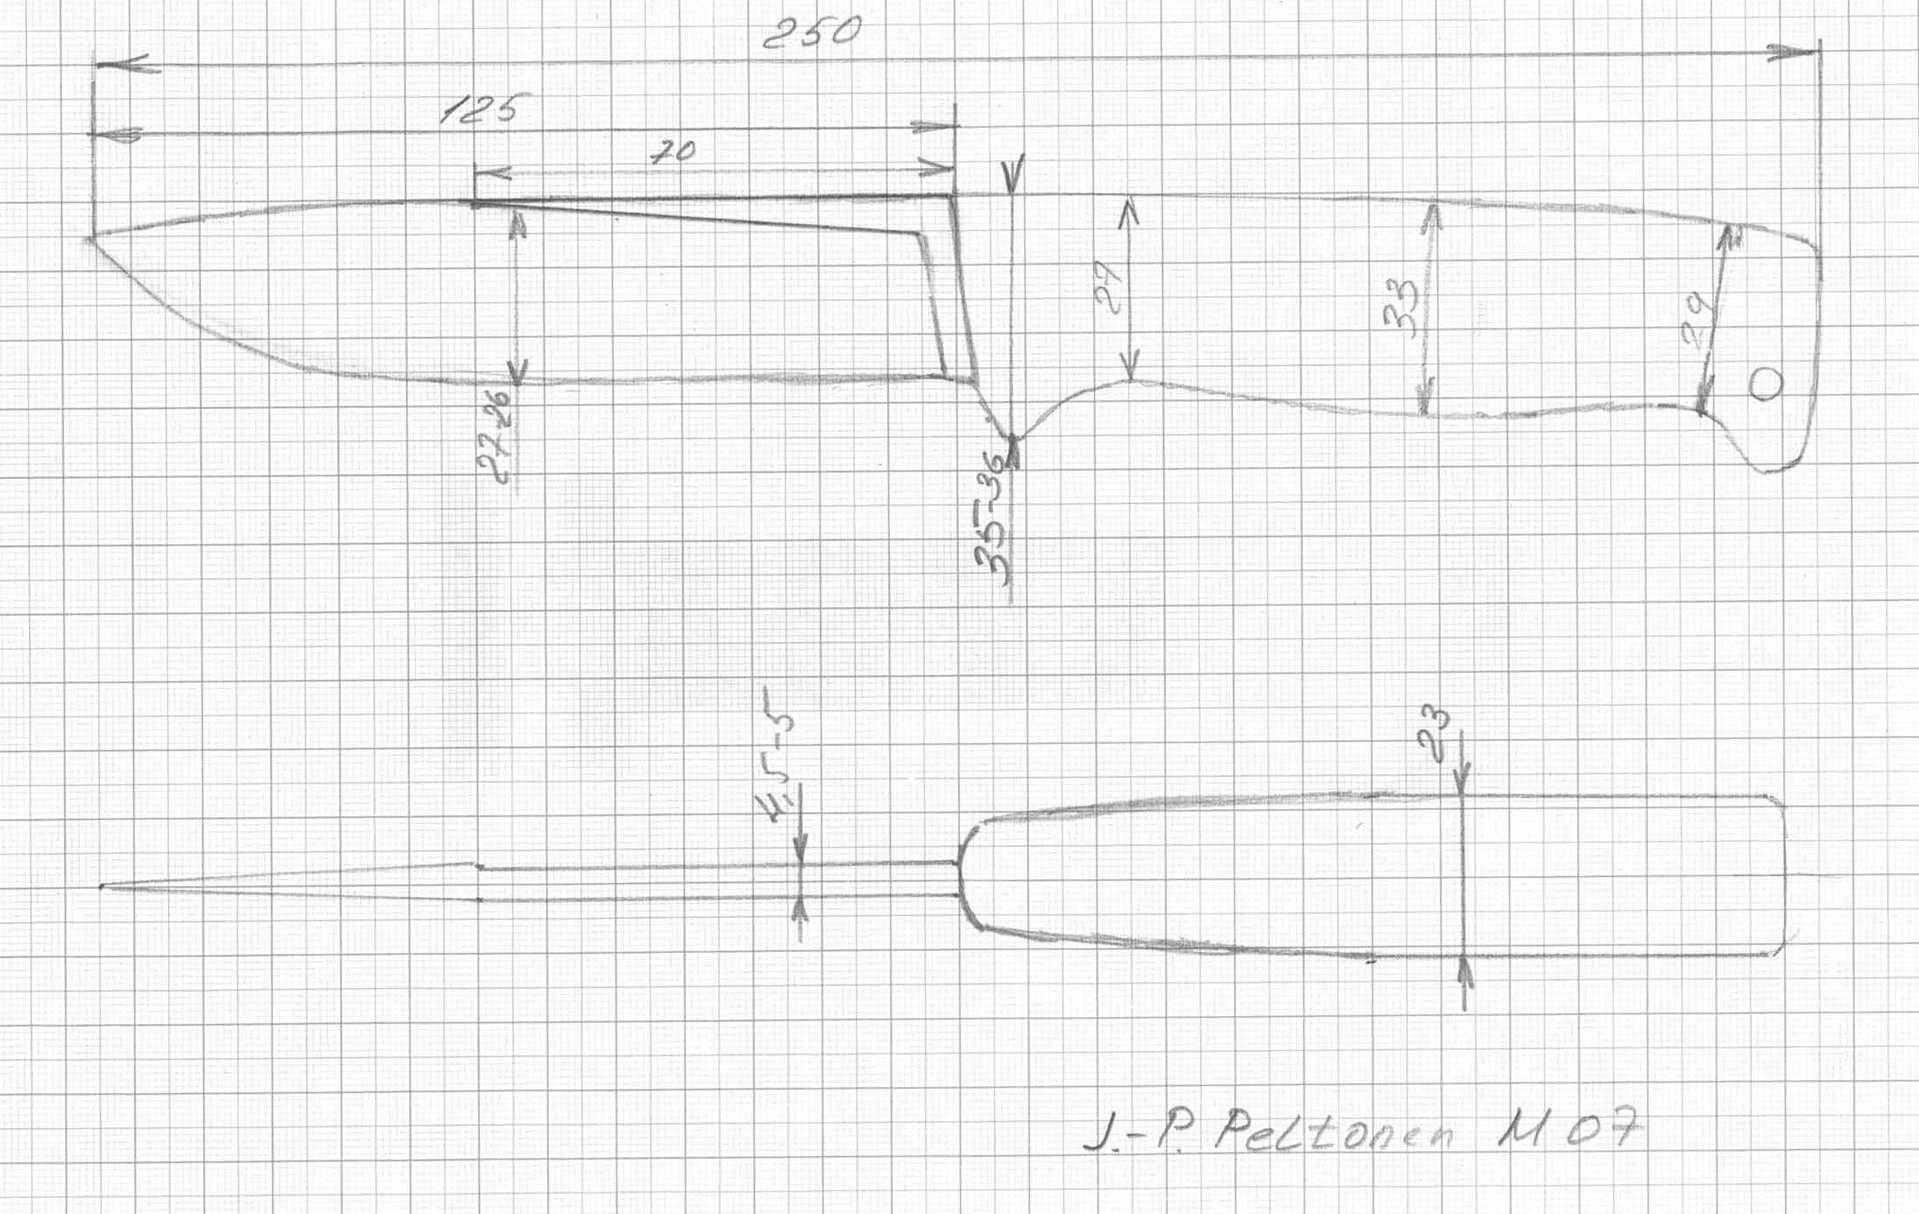 Ручка для ножа: как бывает по размеру, толщине, как сделать самостоятельно, как насадить клинок на рукоятку